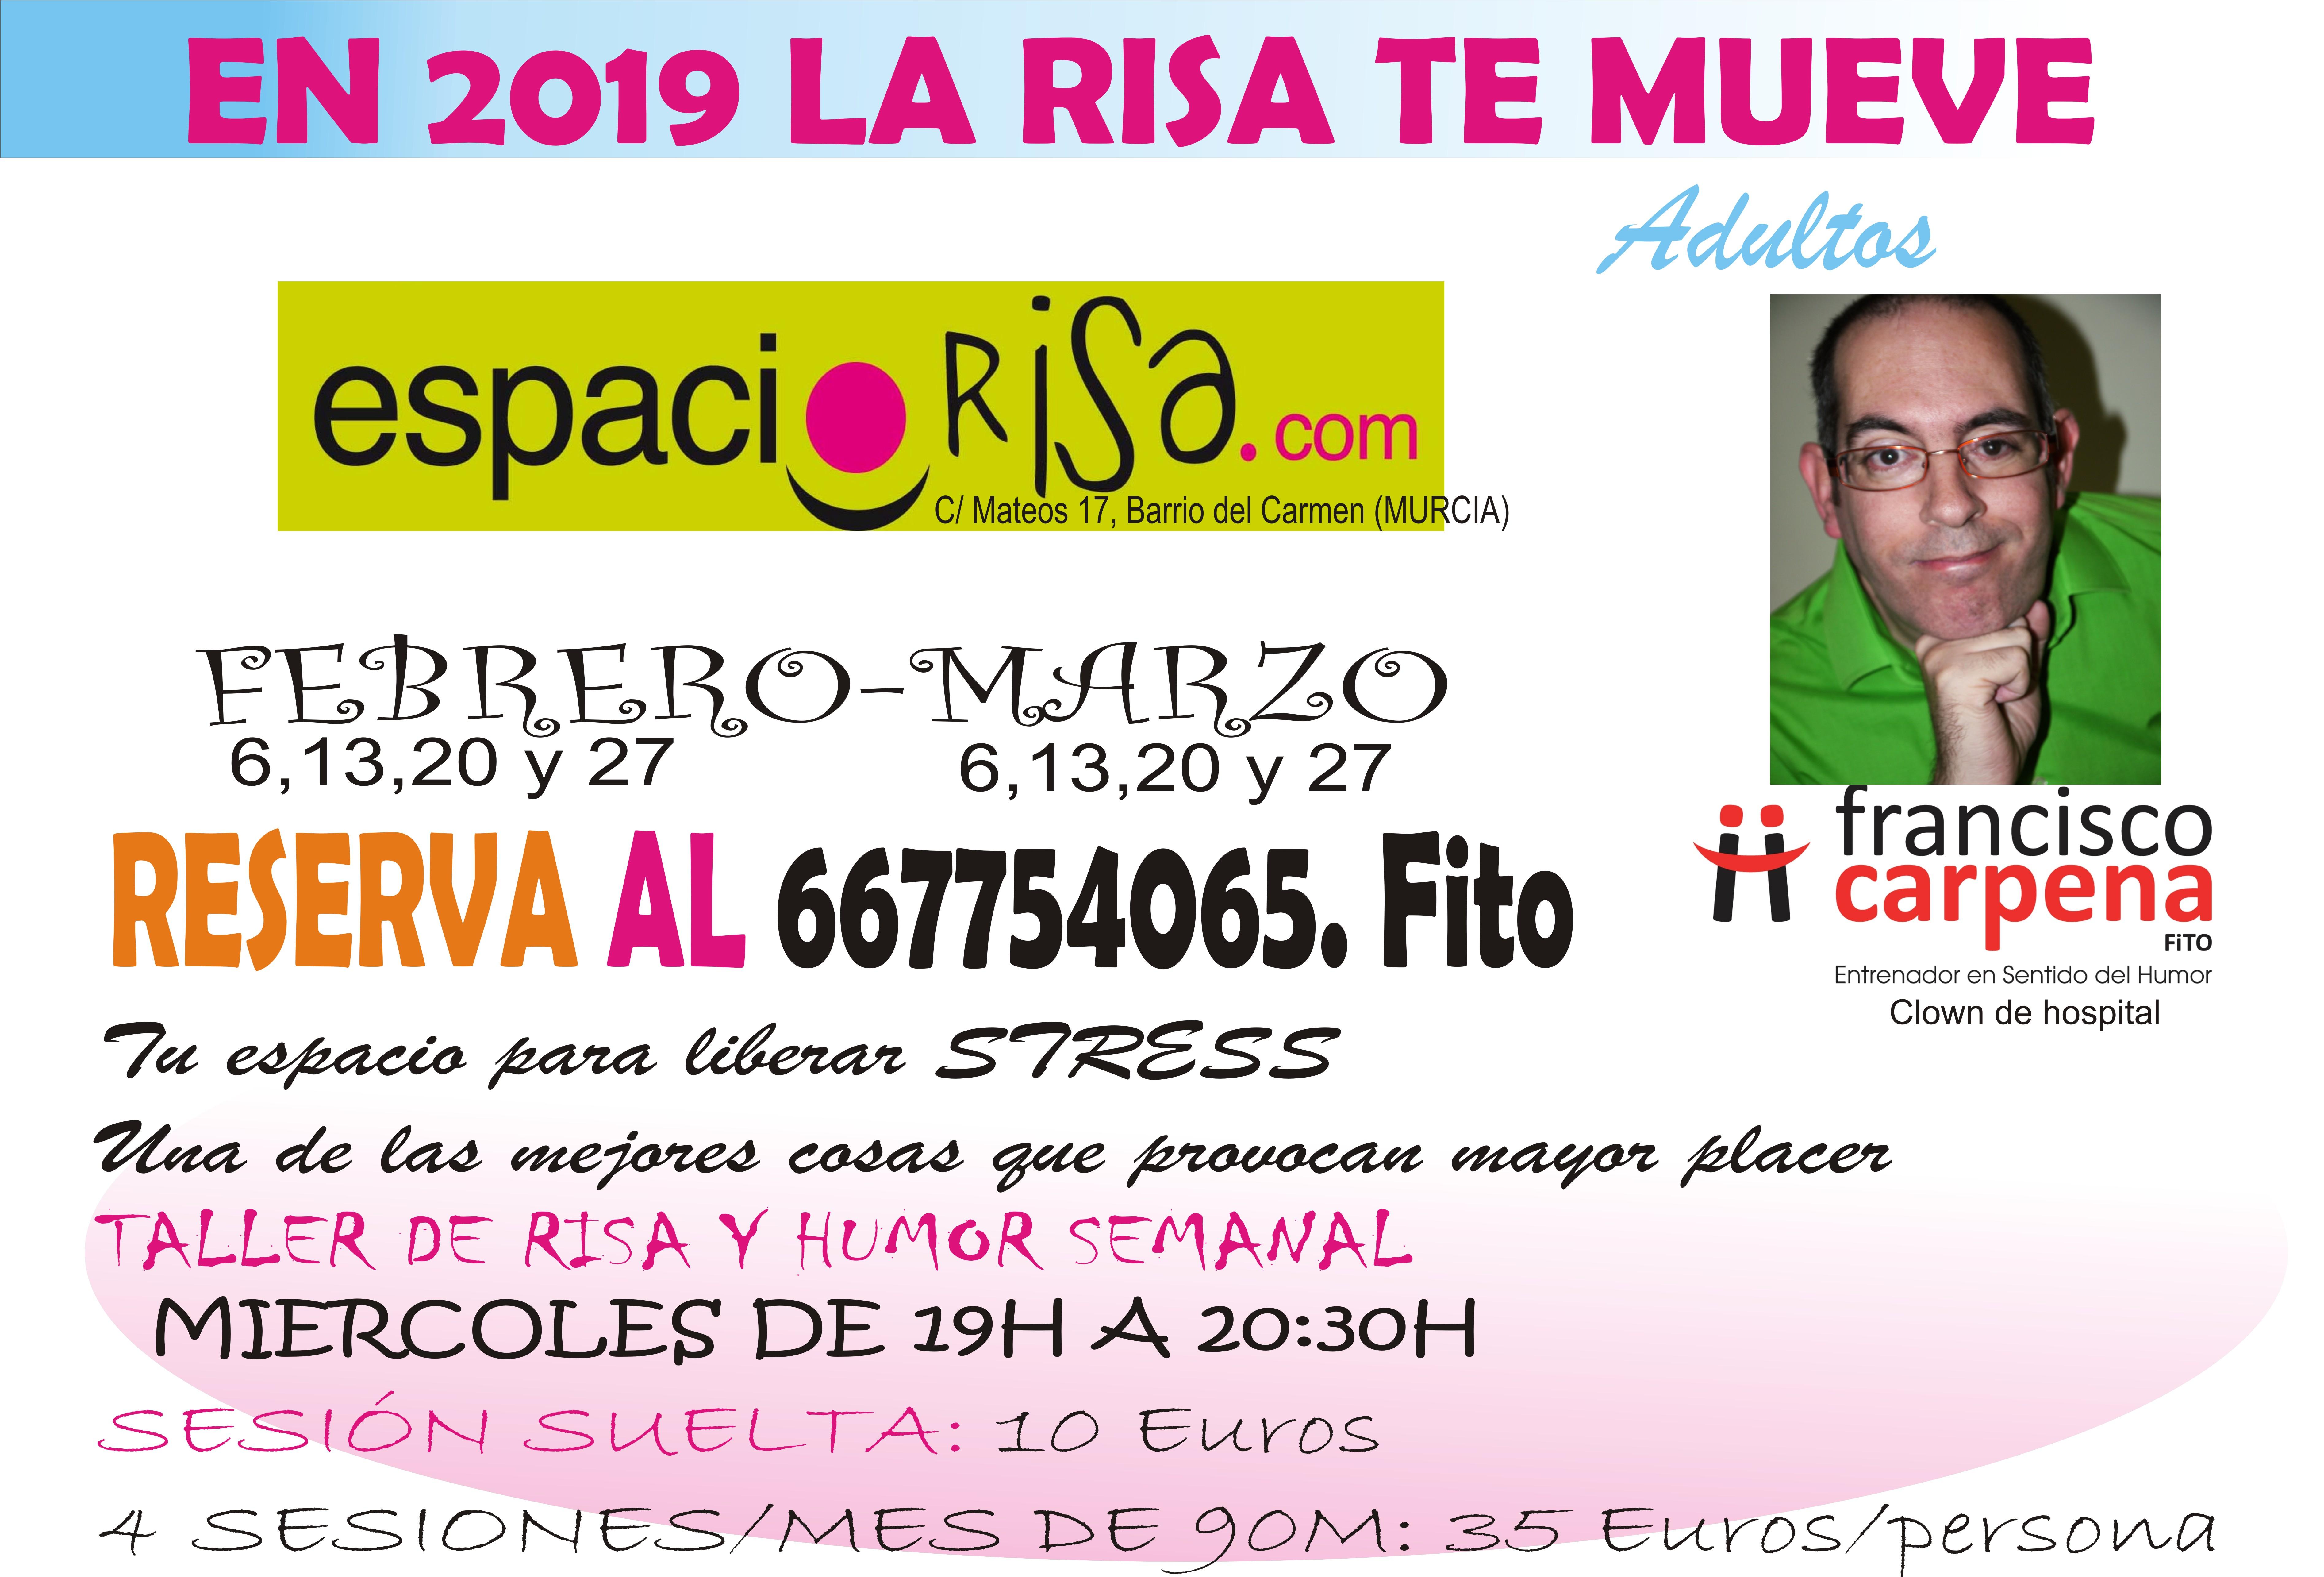 Próximo taller de risoterapia y humor semanal (MIERCOLES) Comenzamos 6 de Febrero 2019